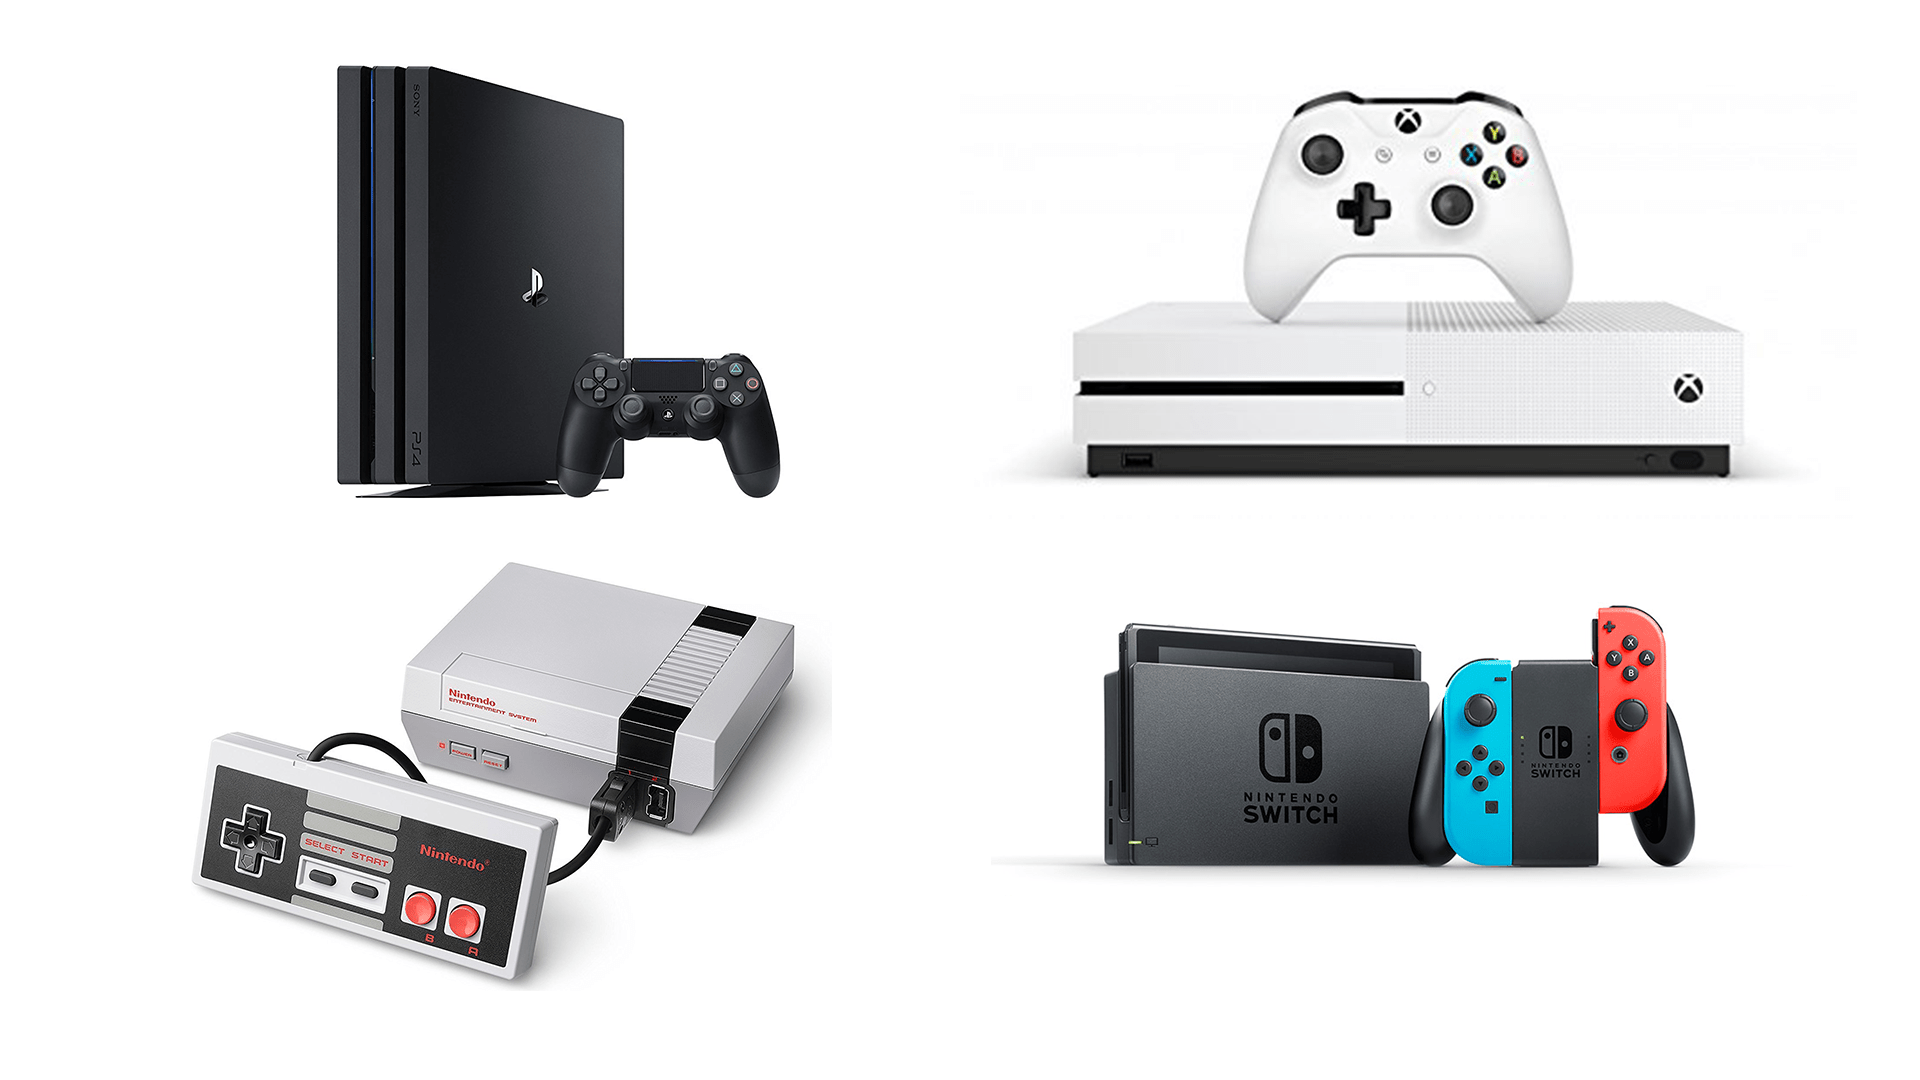 Quelle console de jeu choisir en 2018 ? La sélection de la rédaction on